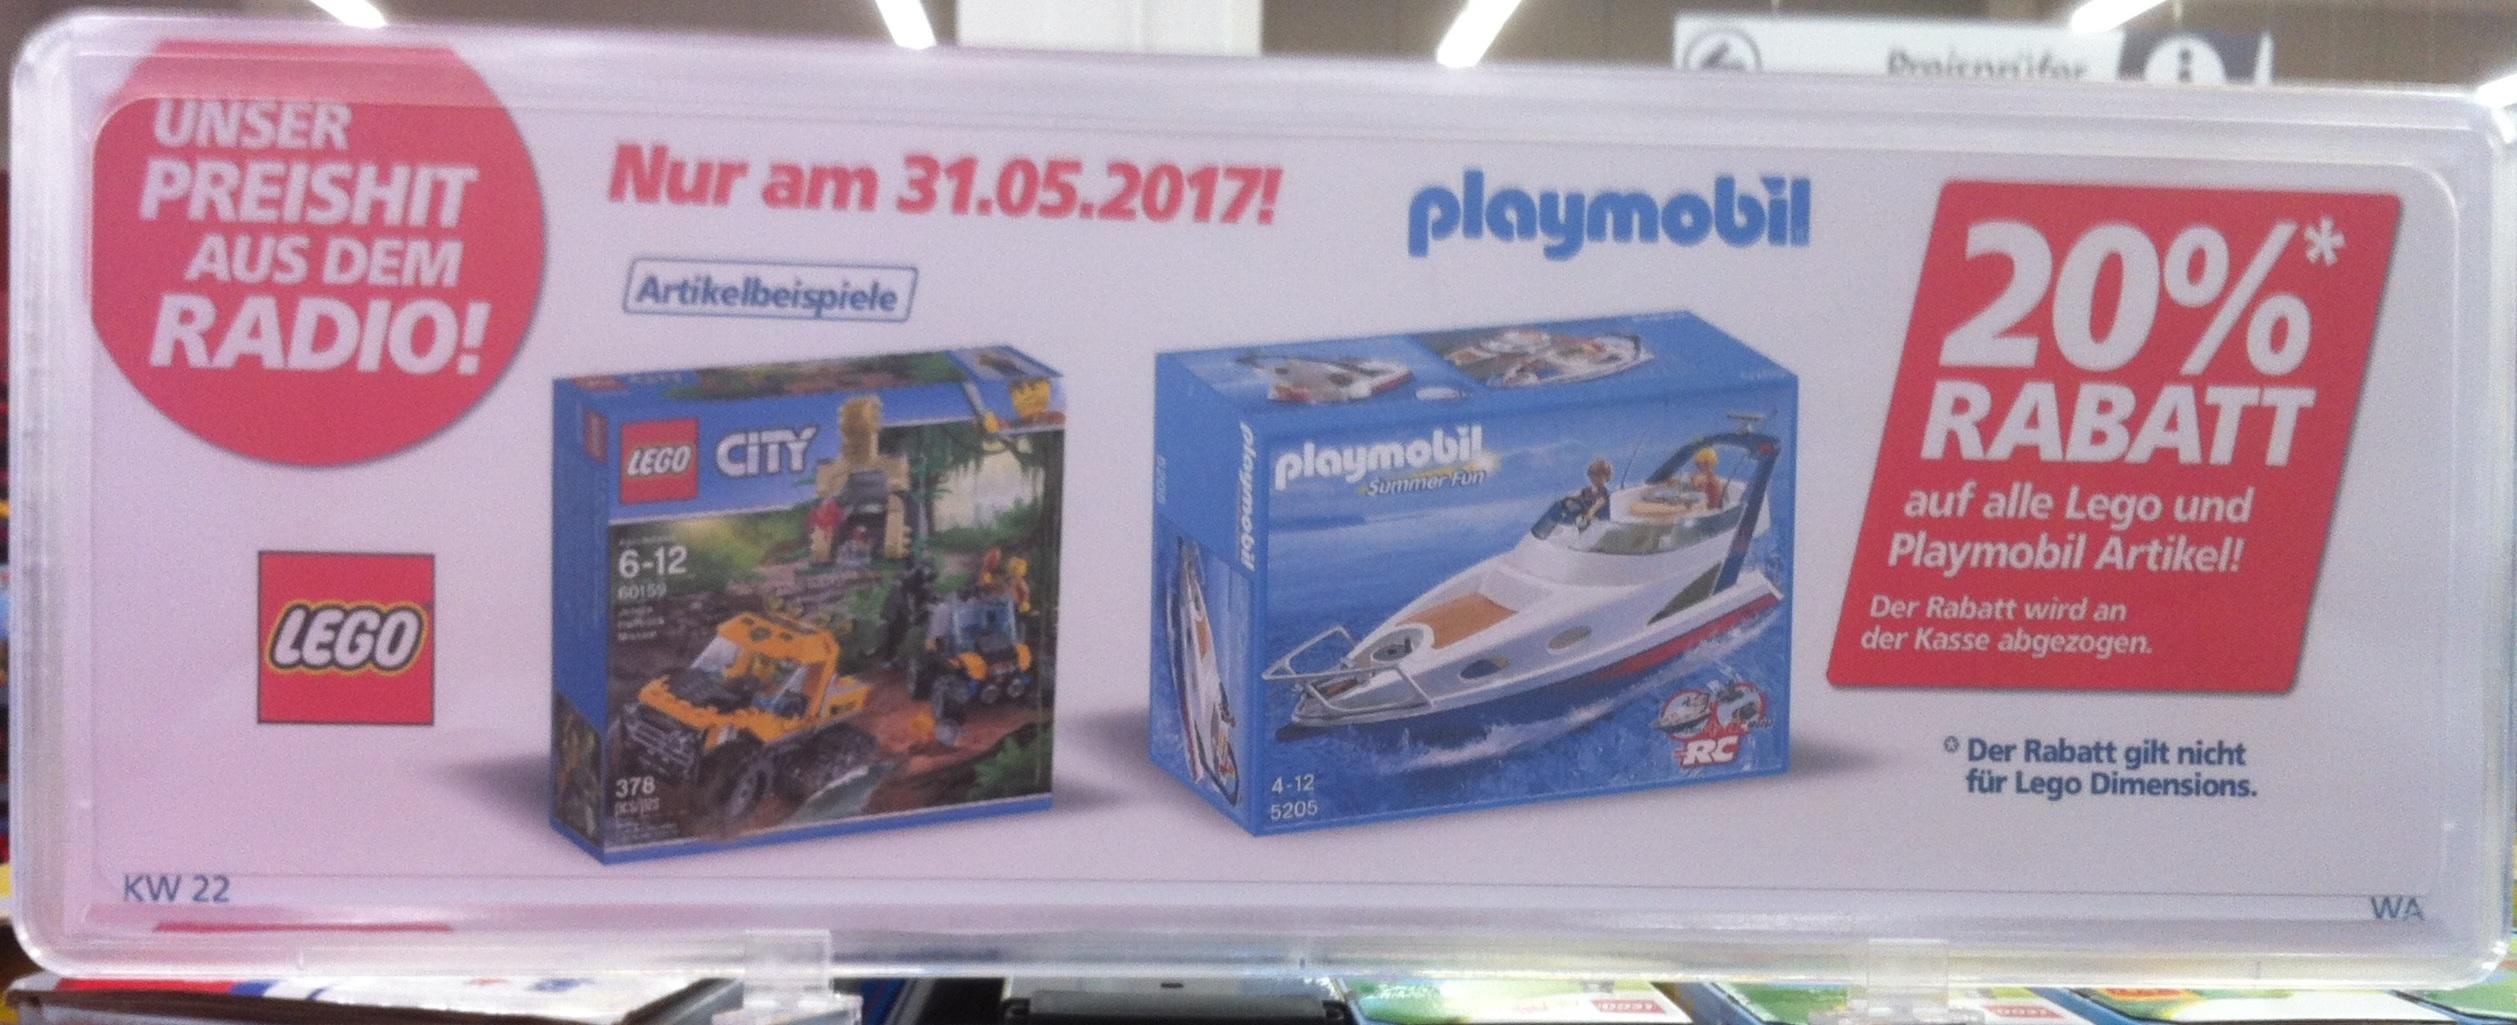 [real, on- und offline] 20% Rabatt auf Lego und Playmobil am 31.5.